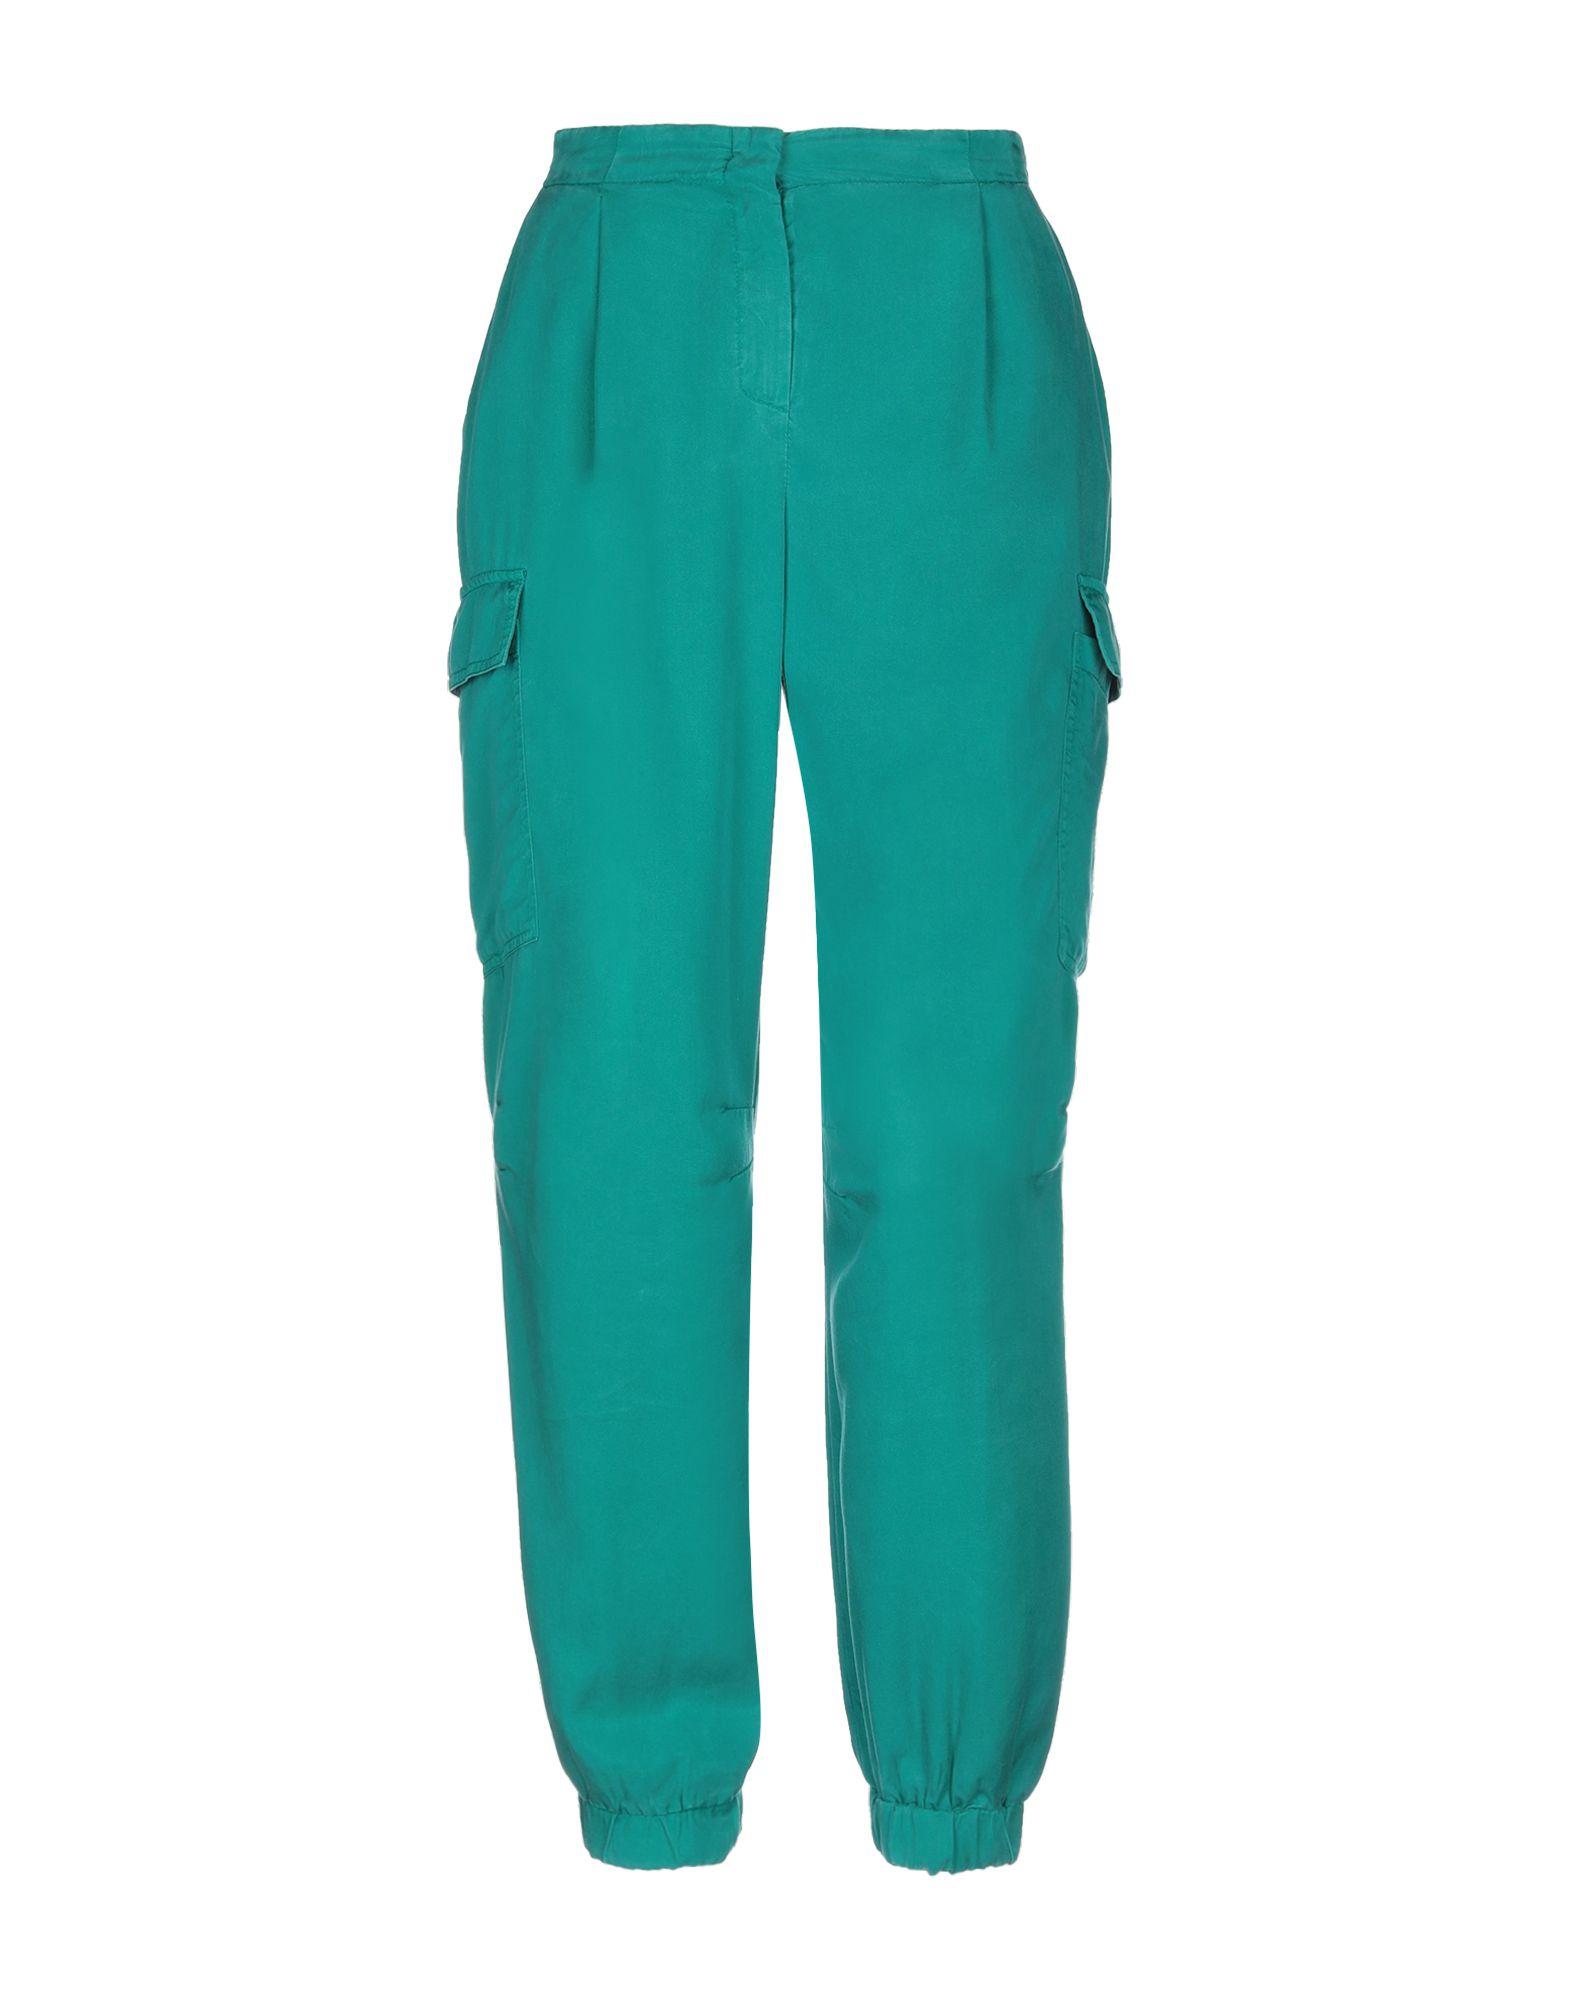 ANNA RACHELE JEANS COLLECTION Повседневные брюки playboy vip collection повседневные брюки мужские девятки брюки тонкие тонкие фитинги прямые брюки 1904 черный 34